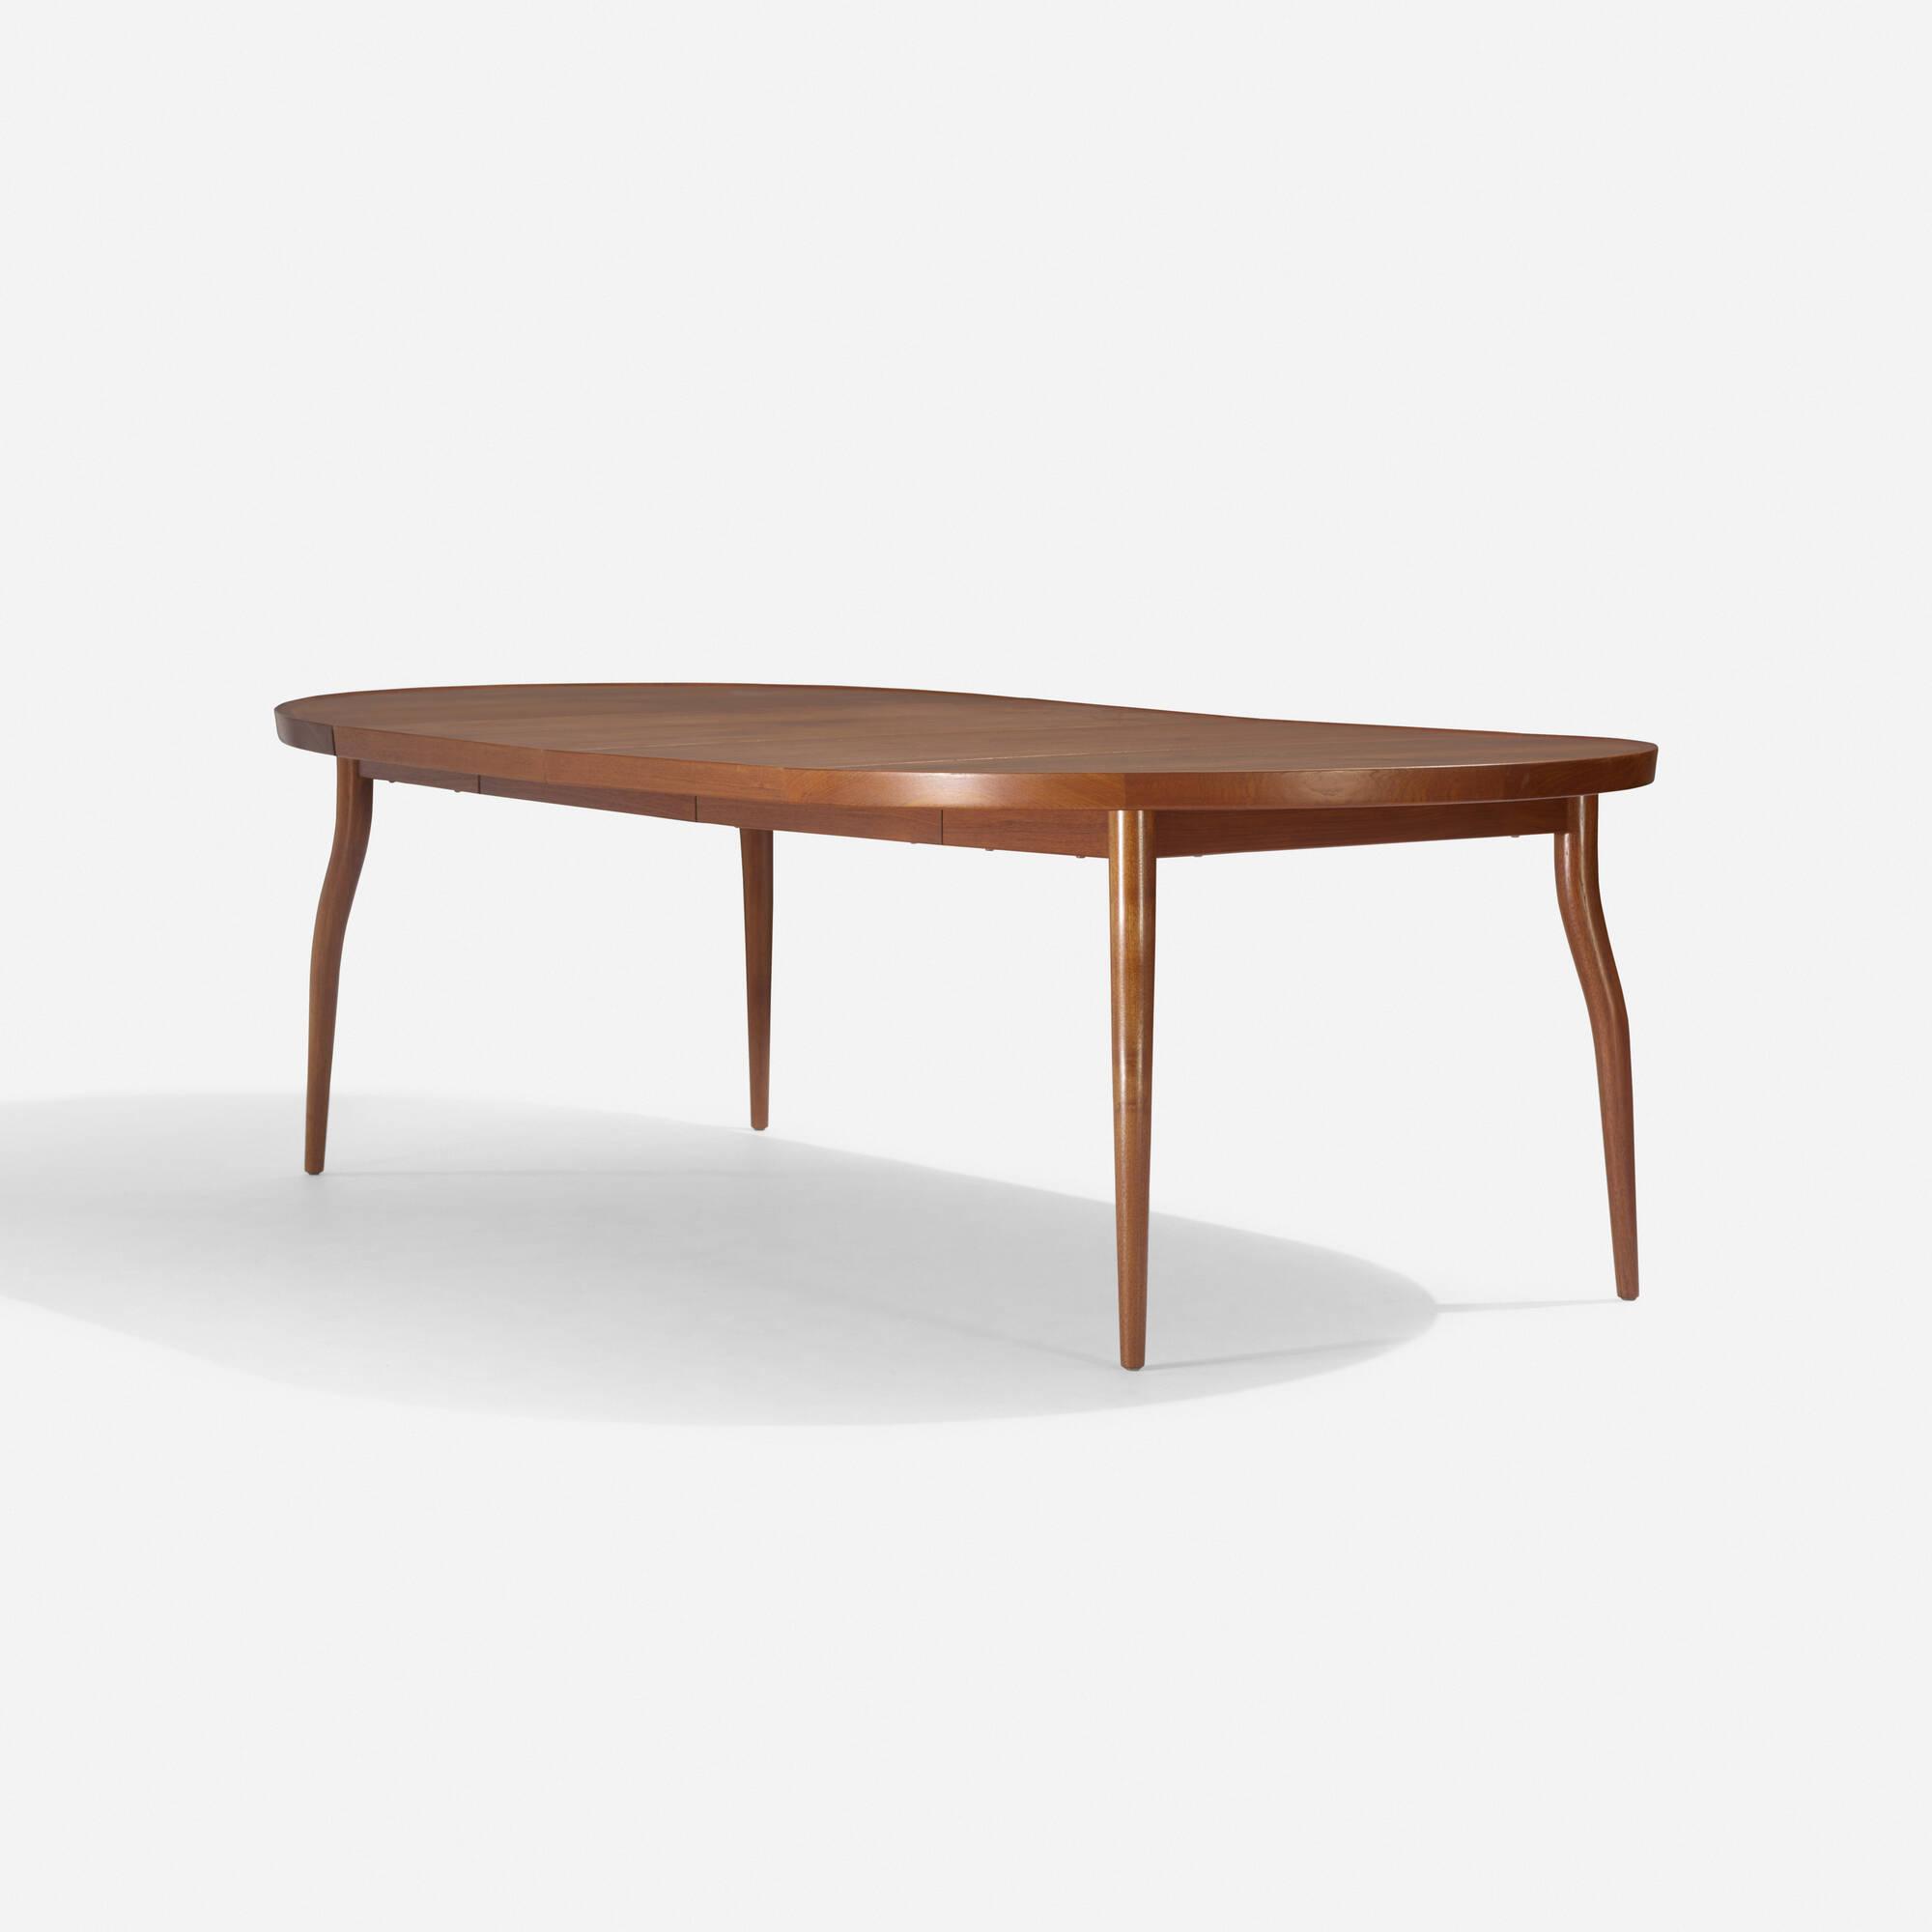 105: Finn Juhl / dining table (2 of 3)